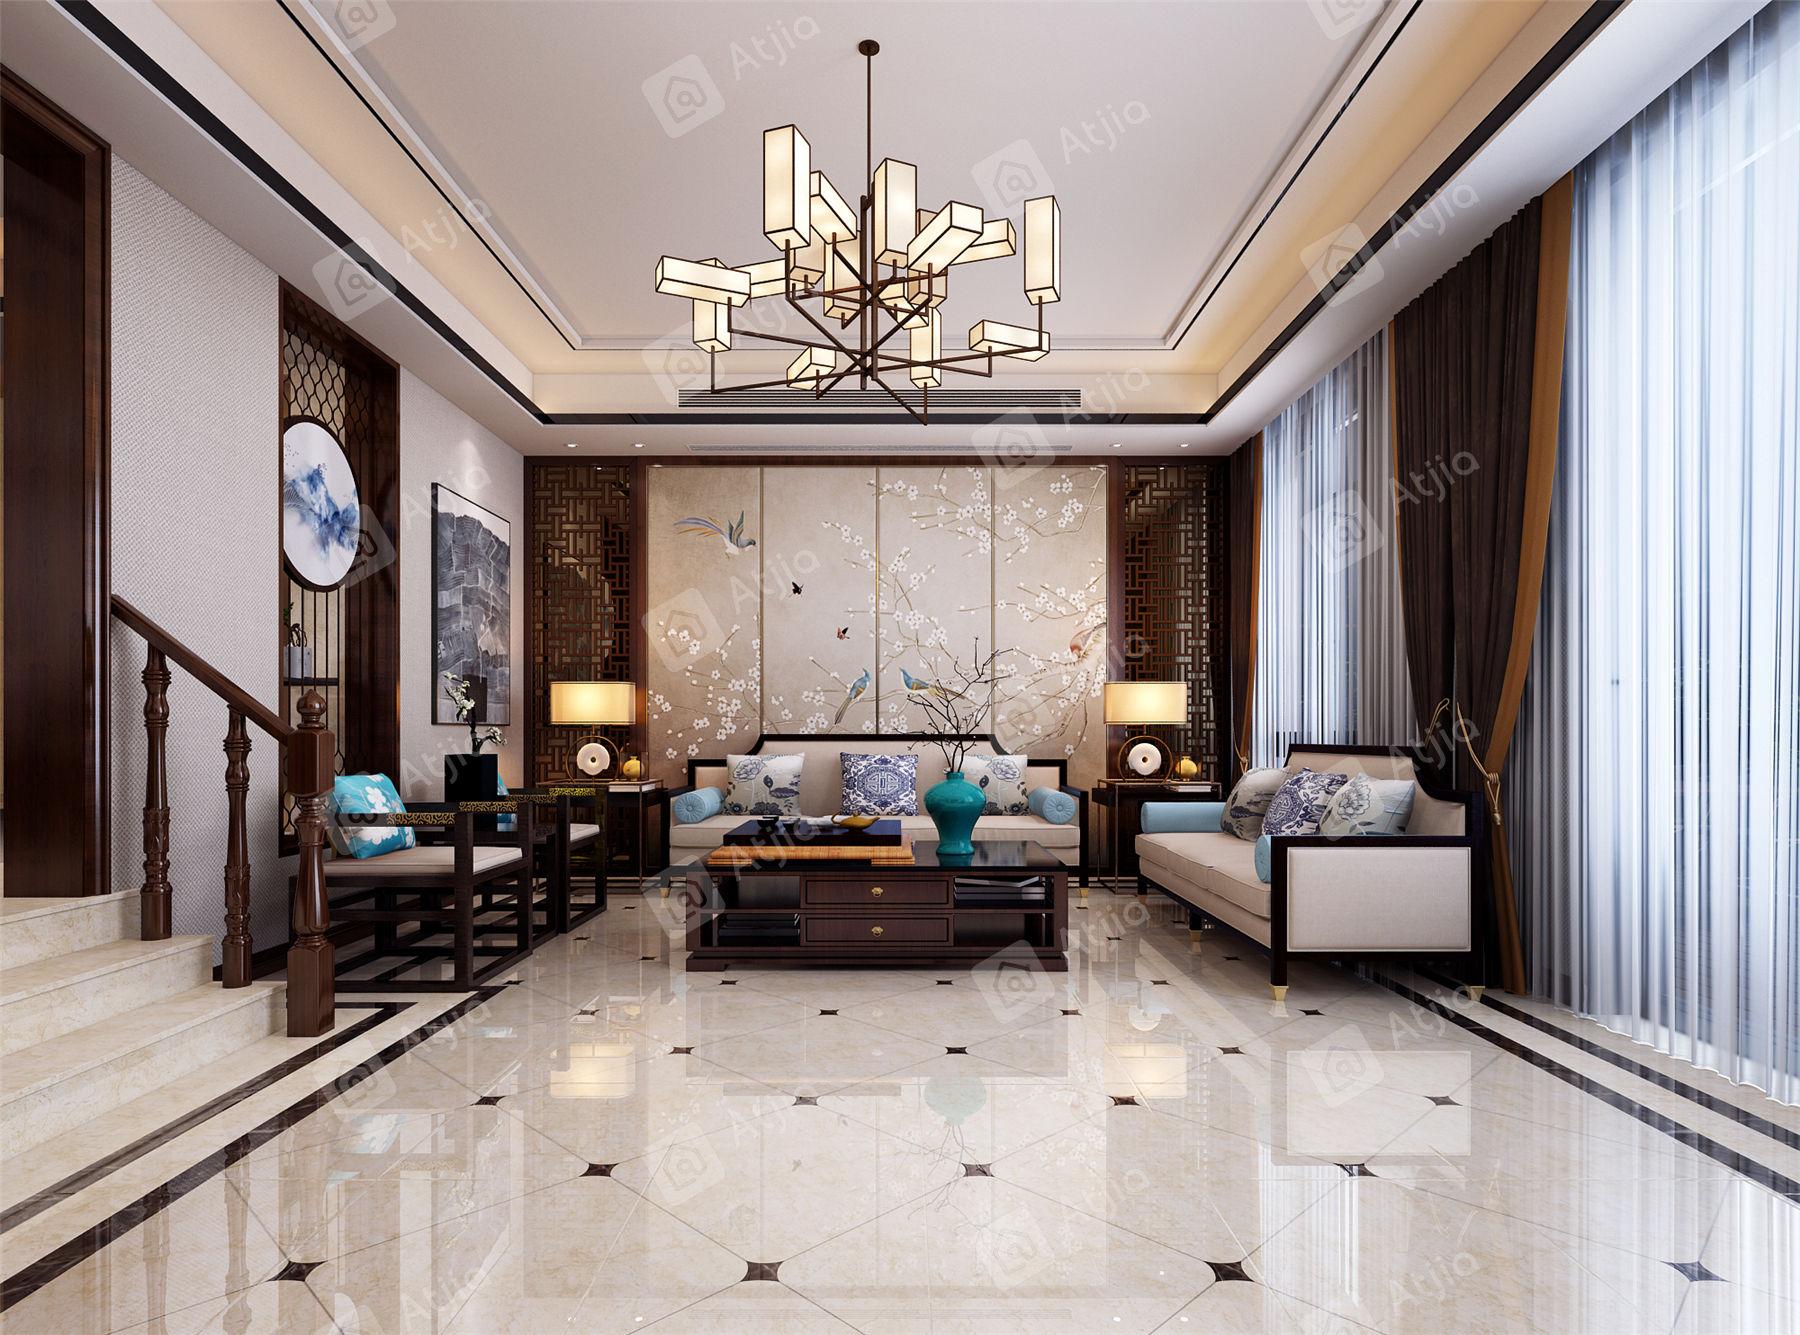 证大满庭芳 中式装修客厅效果图